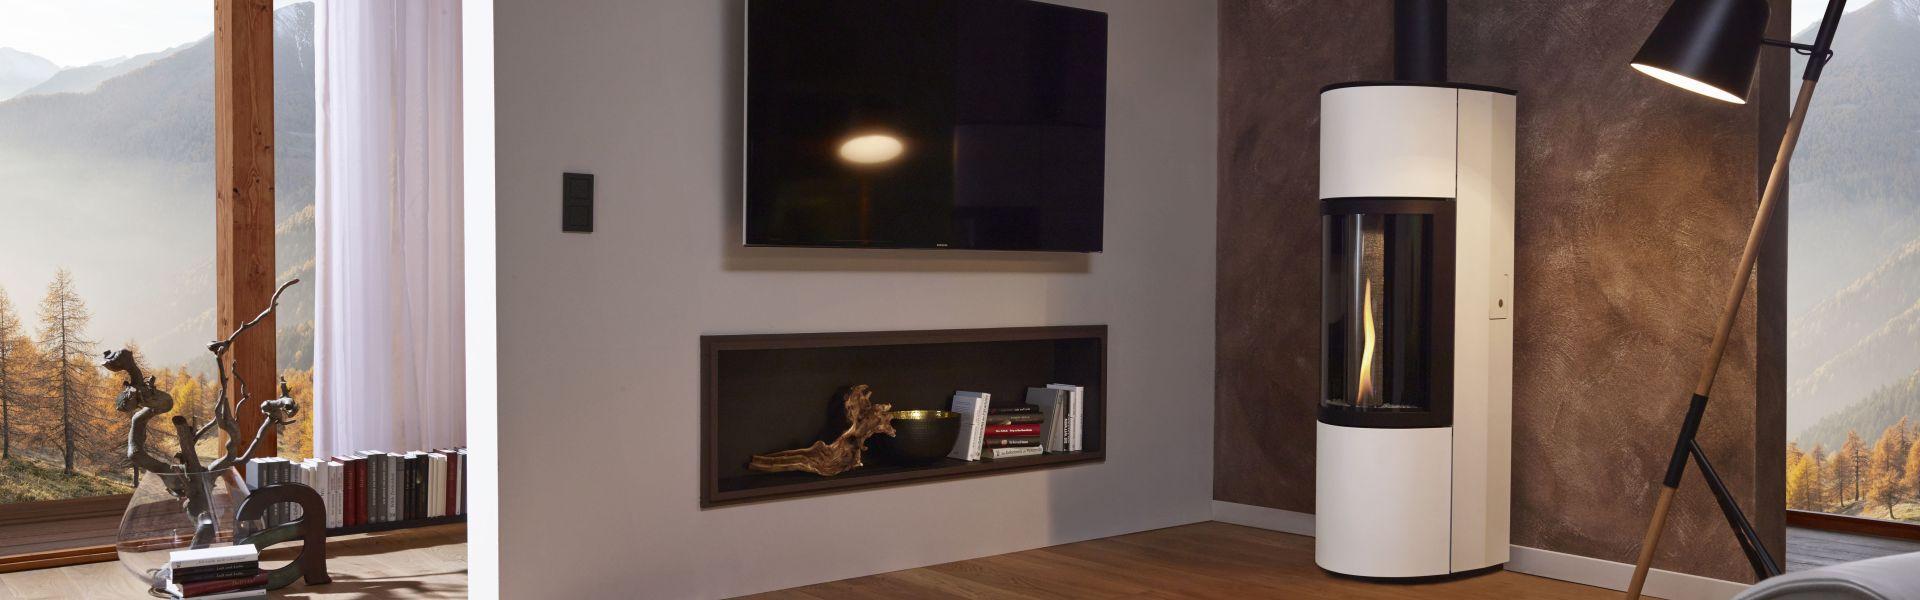 pelletofen arnold wohlf hlen mit fen und fliesen. Black Bedroom Furniture Sets. Home Design Ideas